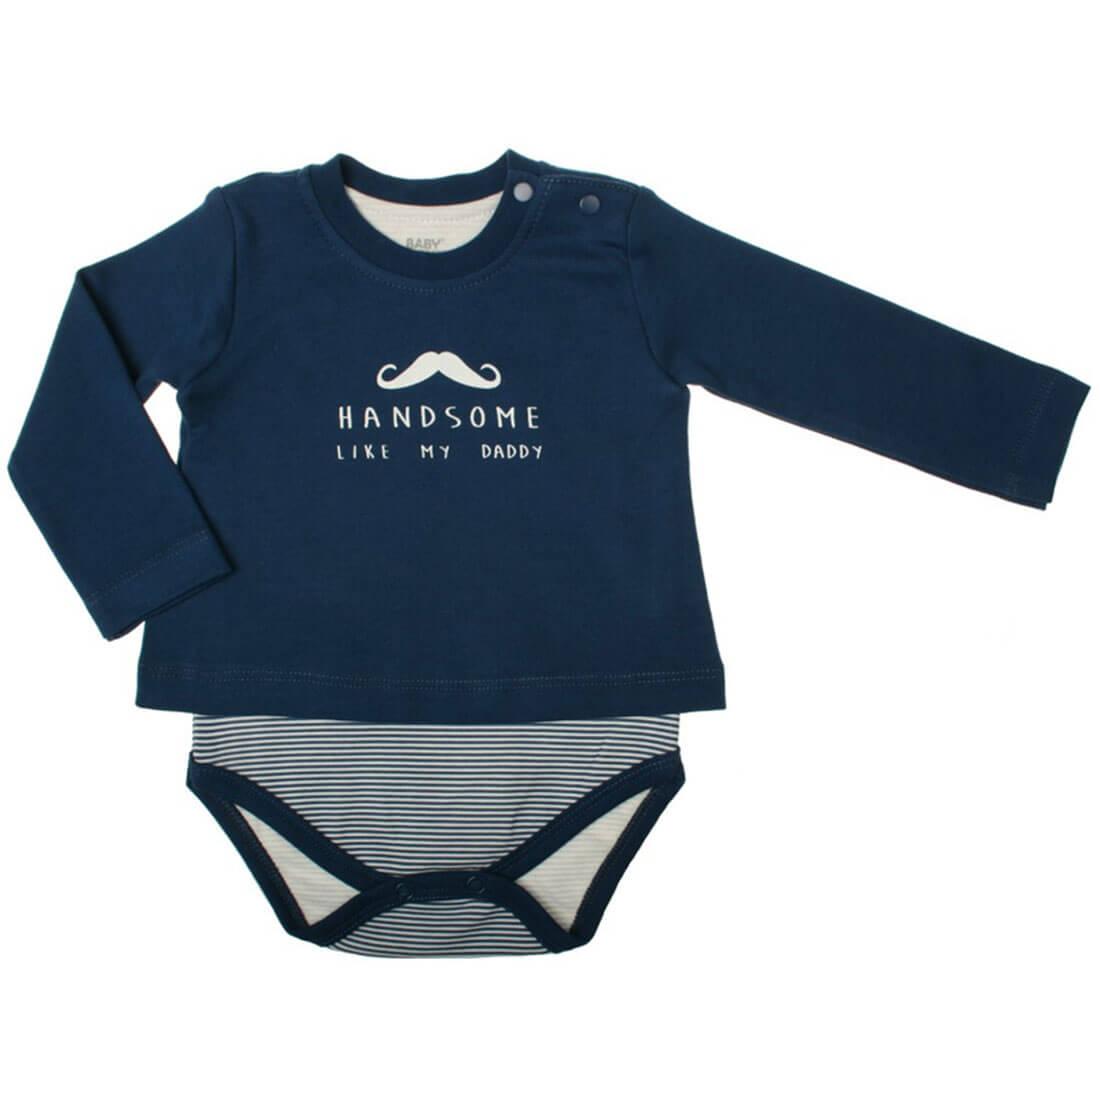 Baby Corner Baby Jungen Body-Shirt Langarm Little Man in blau = Body und Shirt in einem